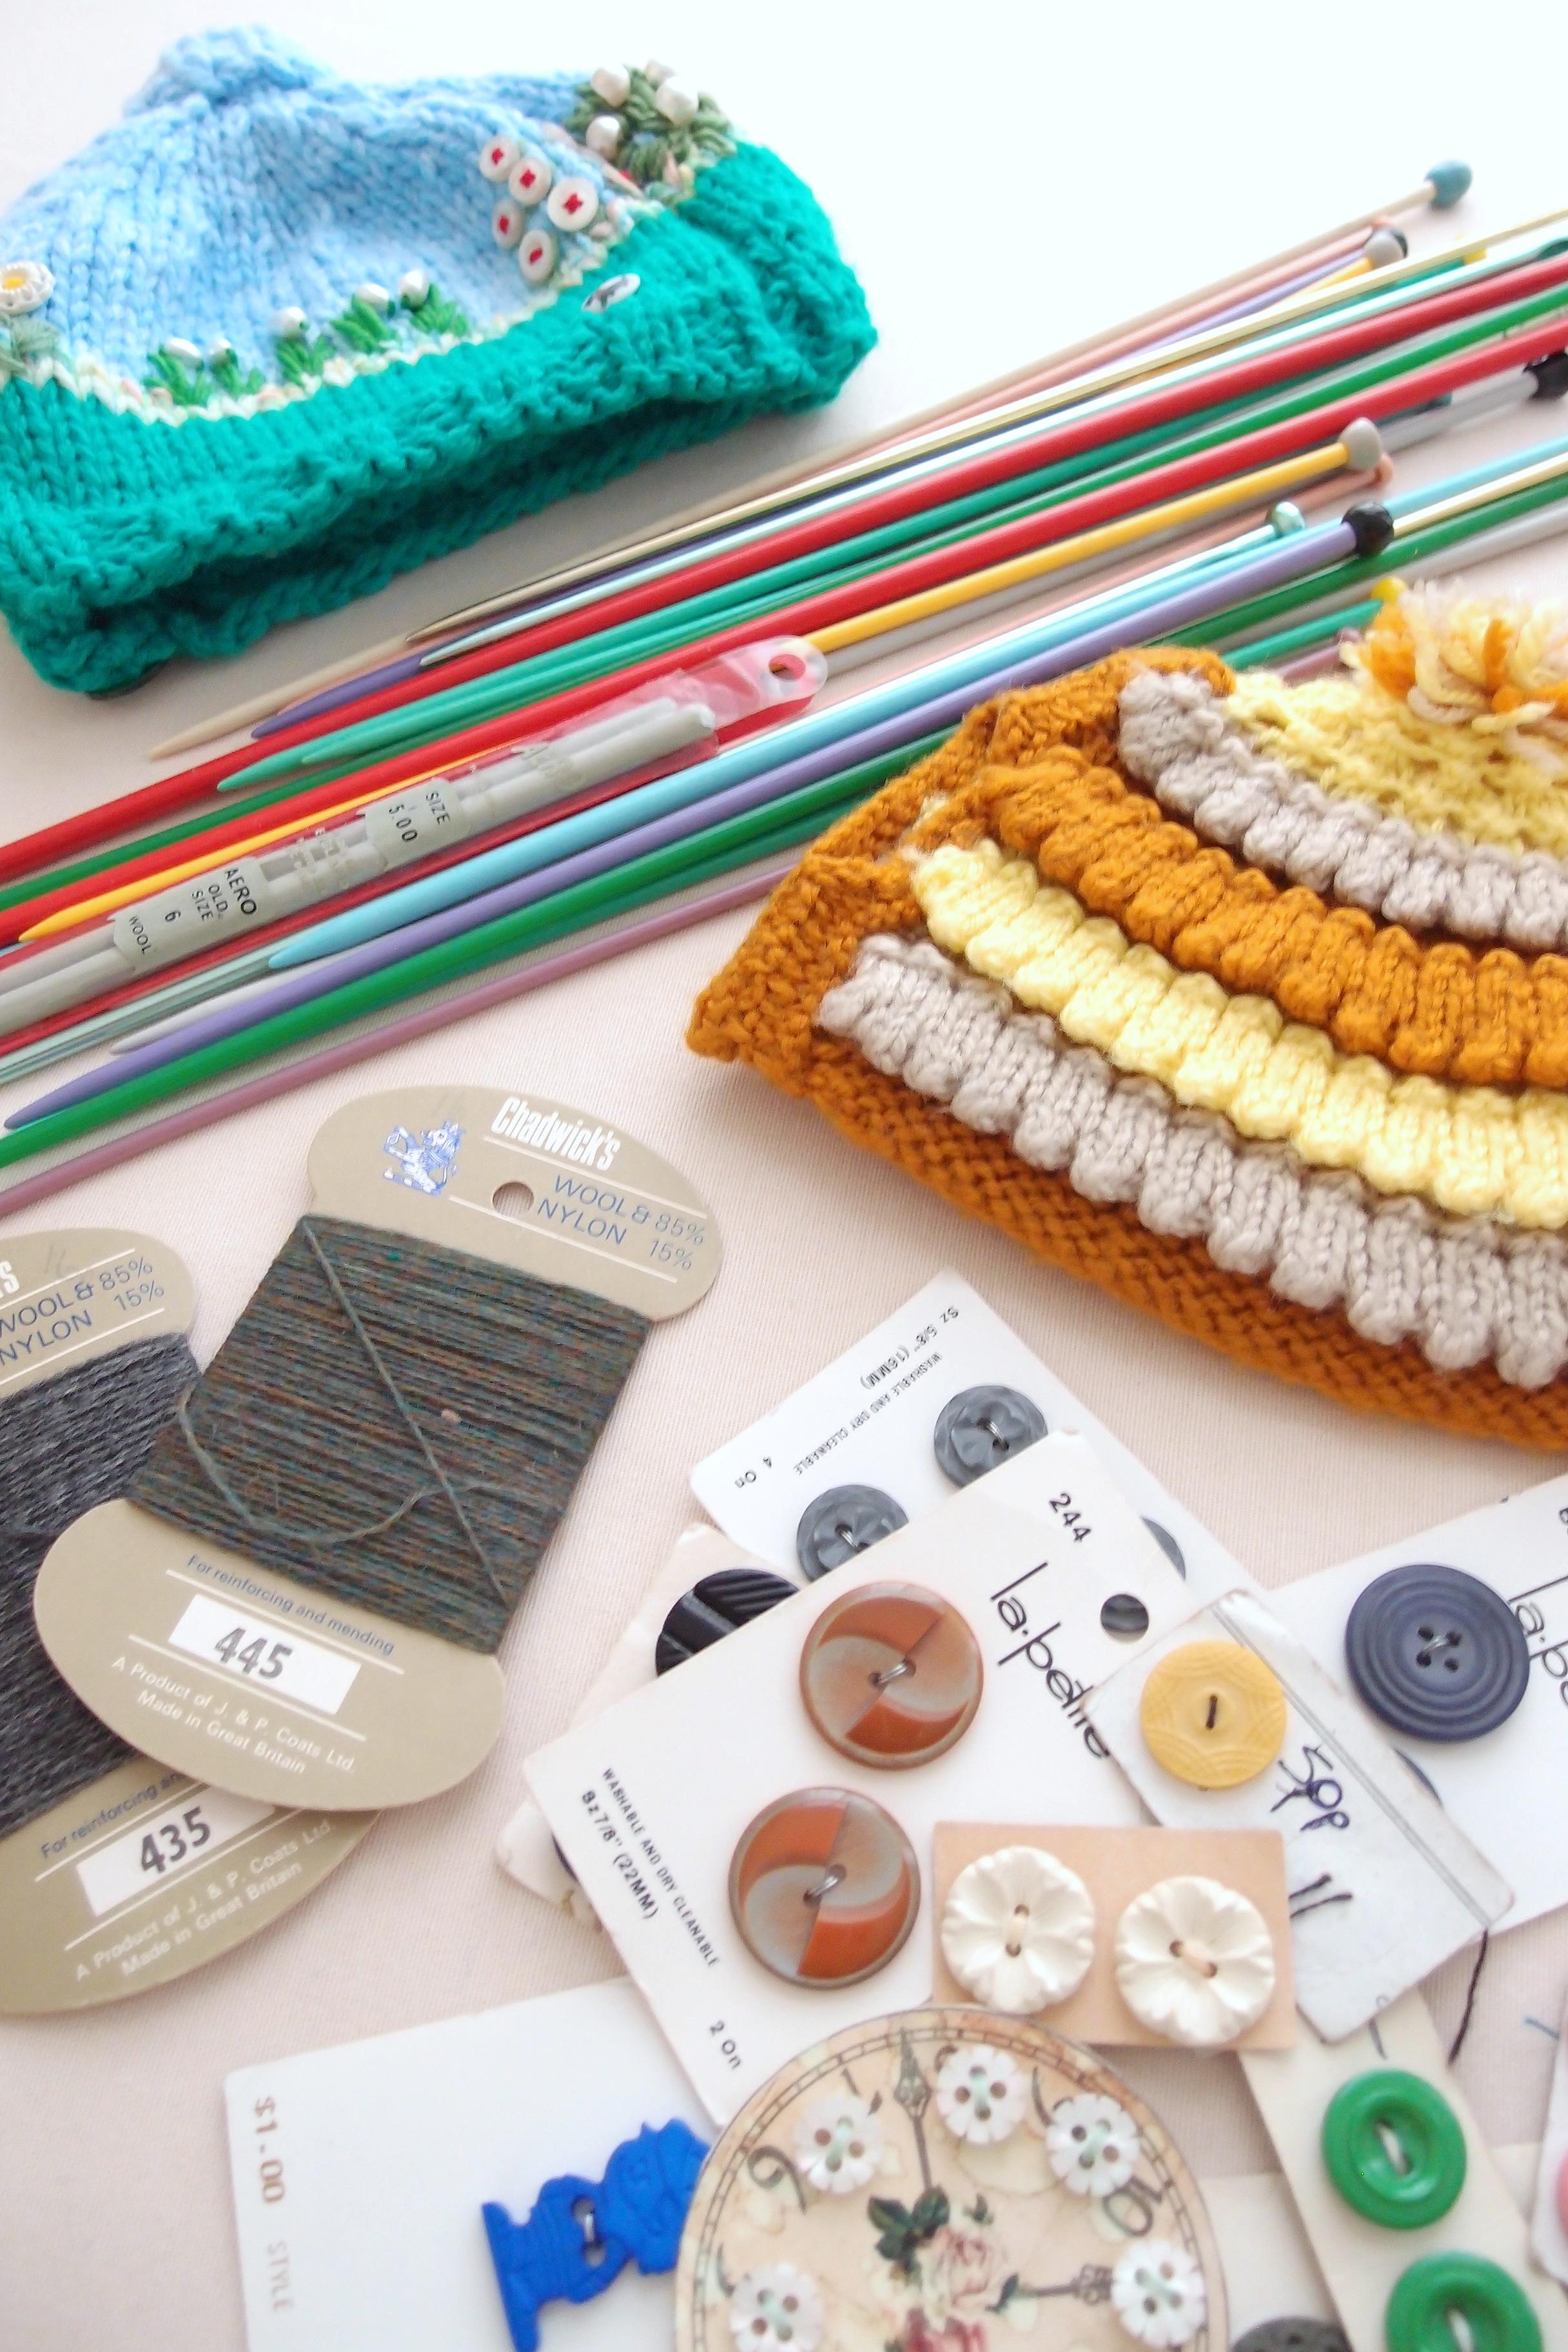 カーブーツセール(フリーマーケット)の戦利品その1:編み物のグッズ編